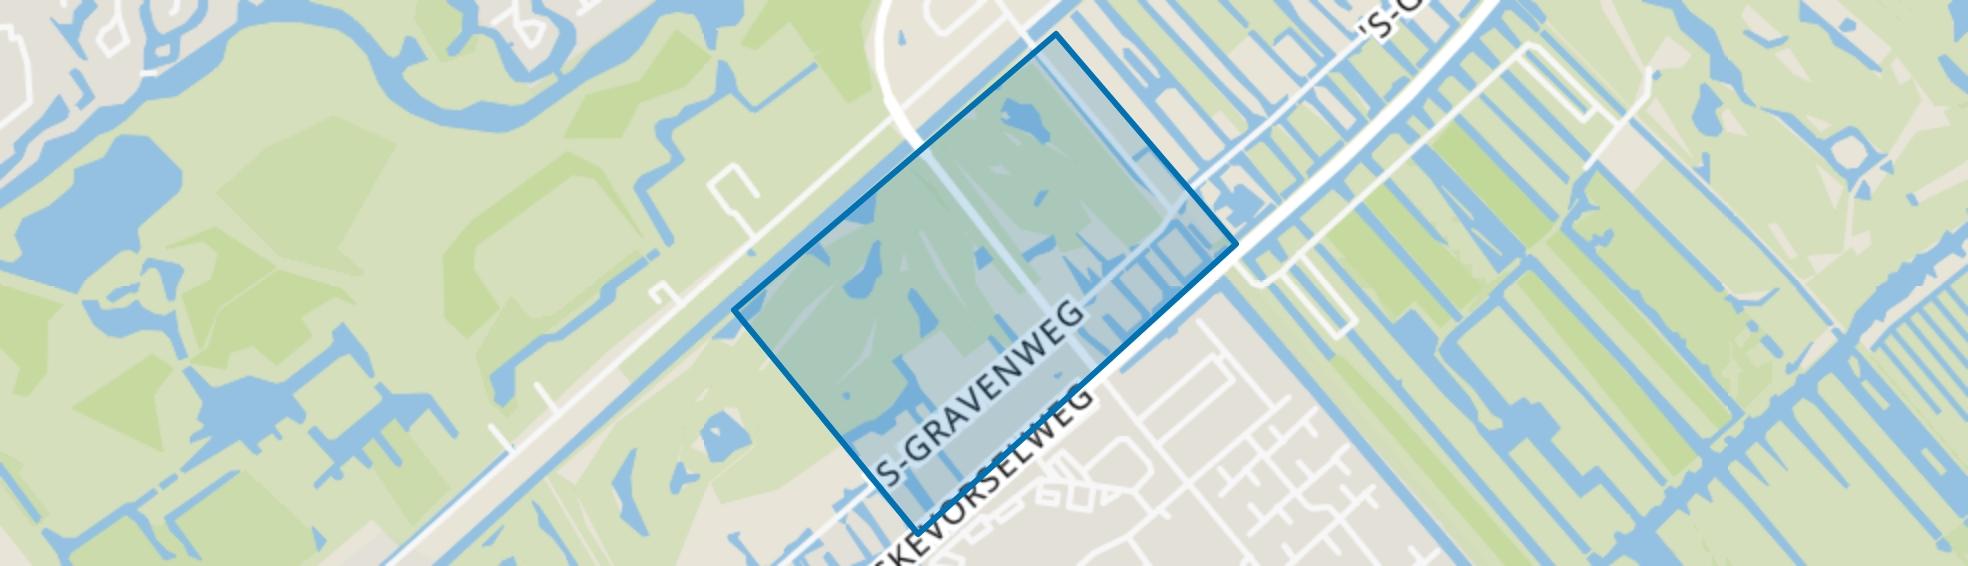 Klinkert, Capelle aan den IJssel map